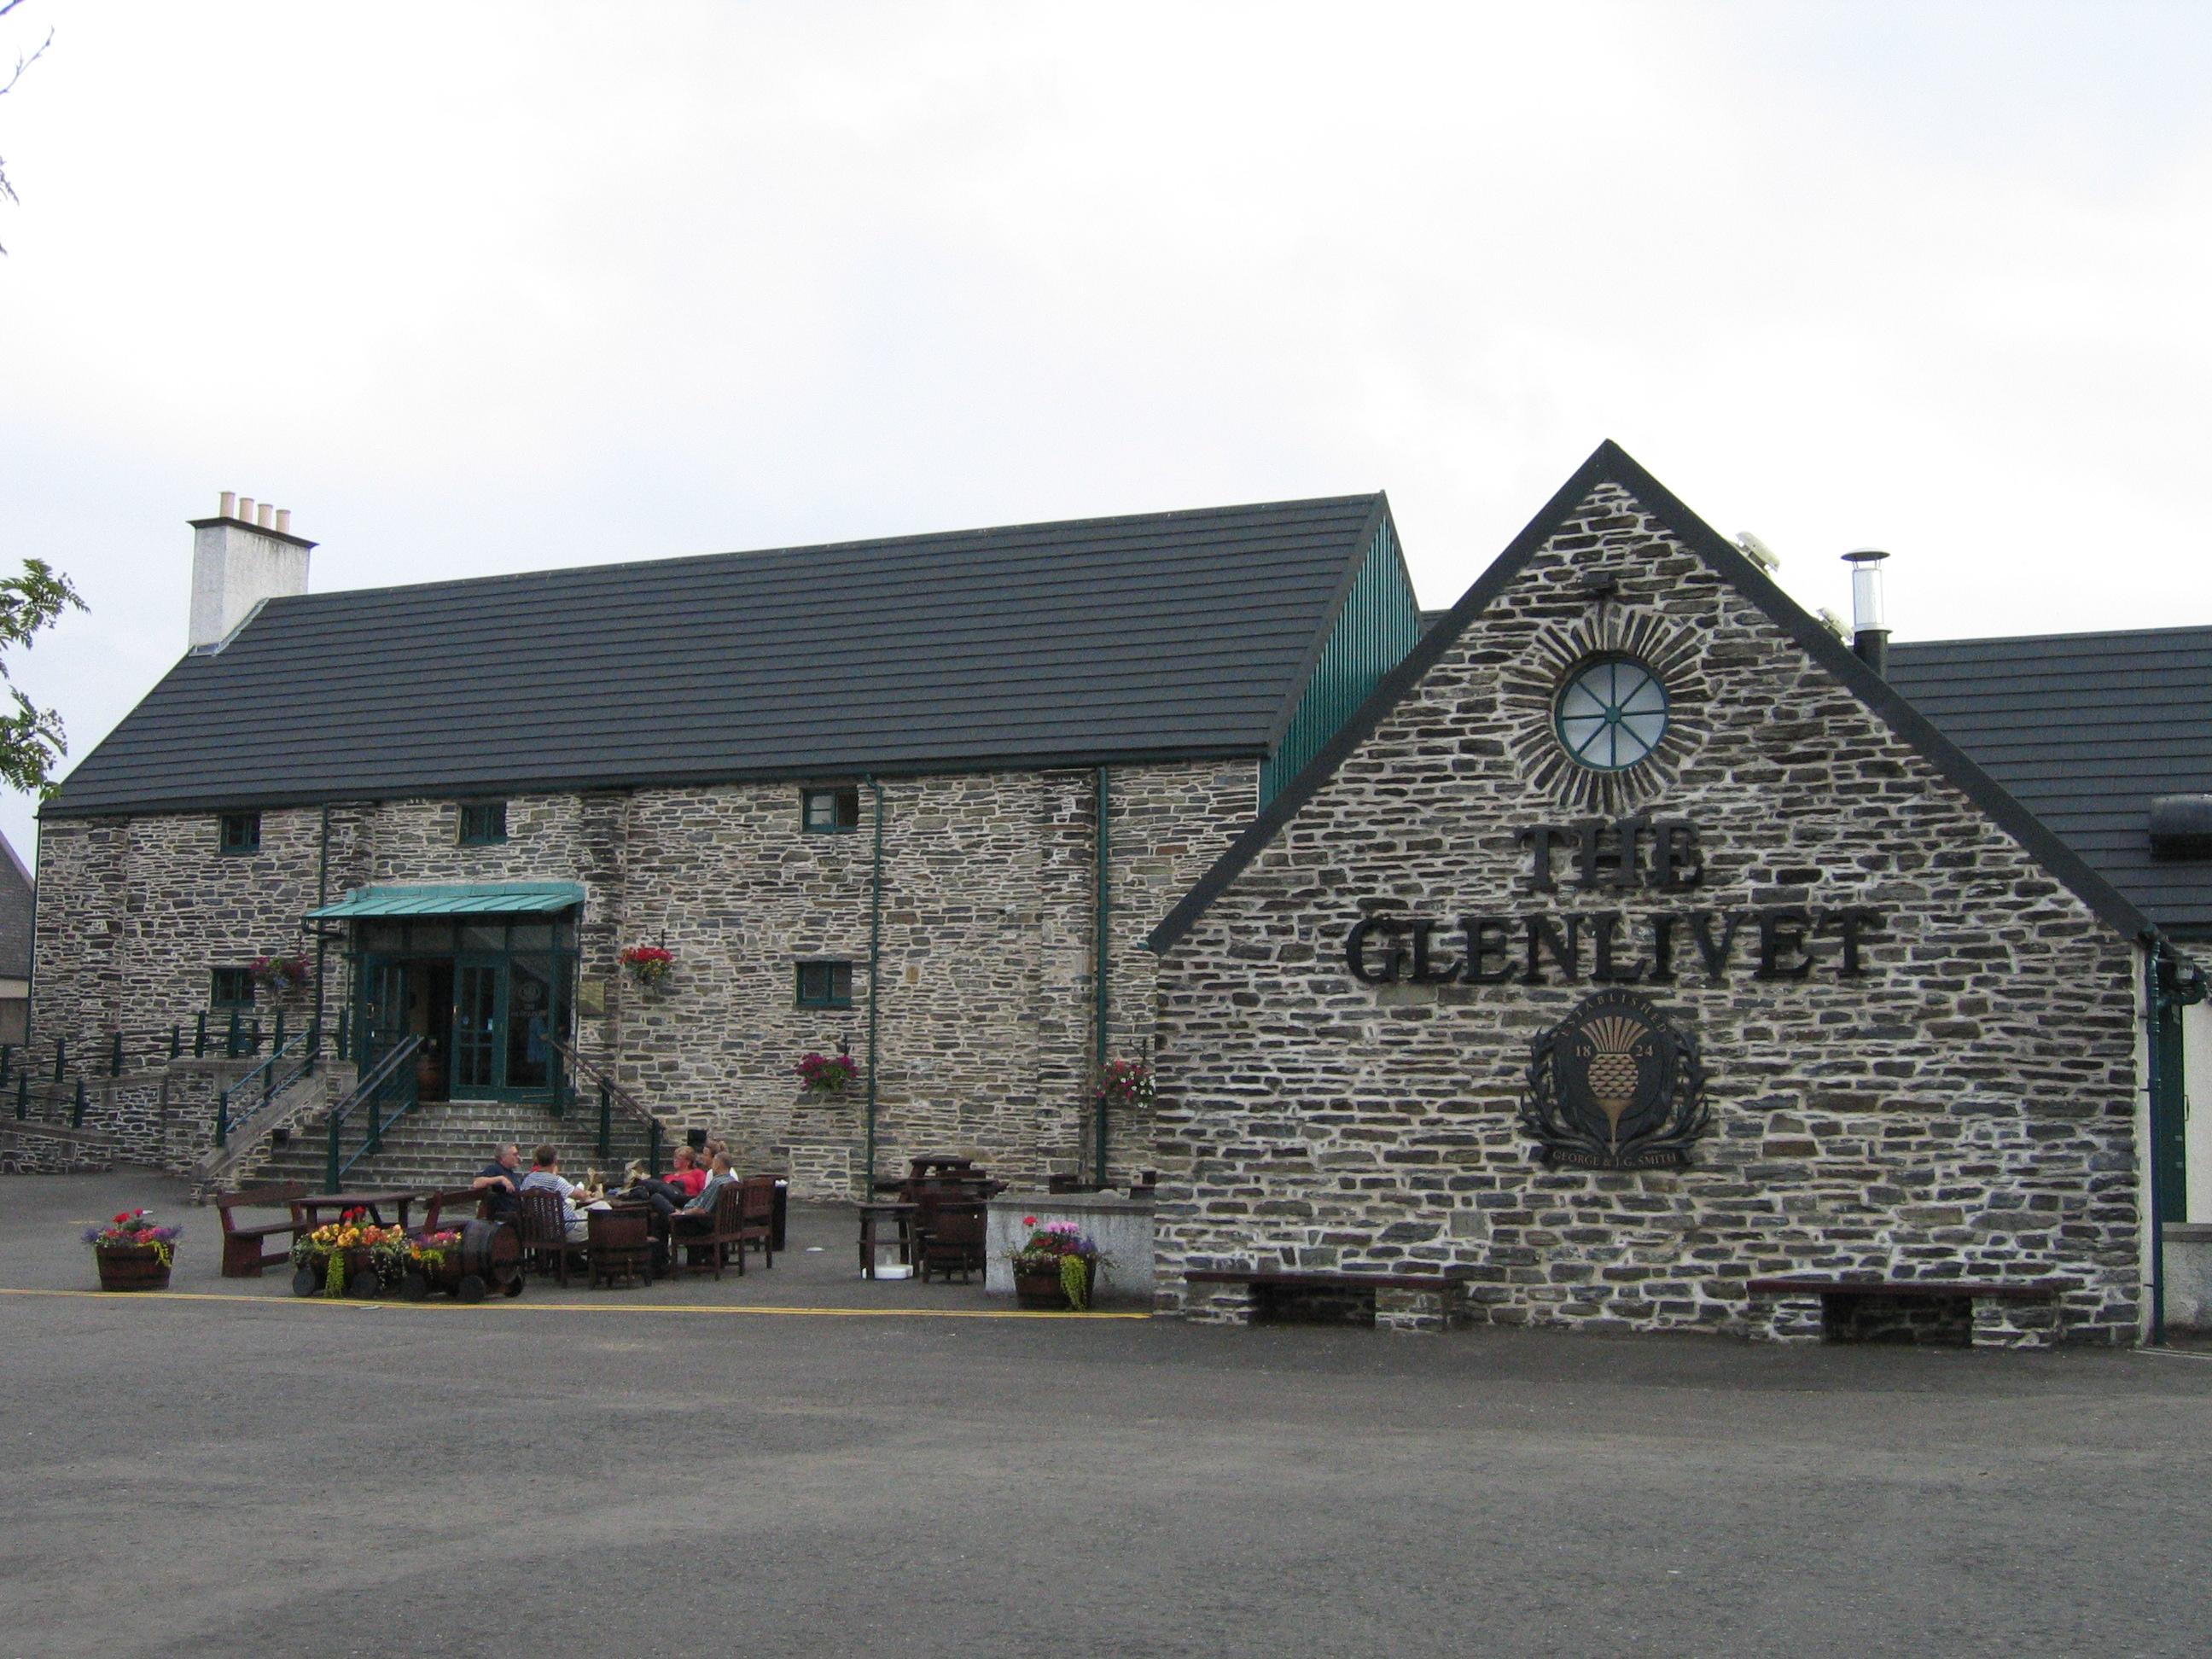 The_Glenlivet_distillery